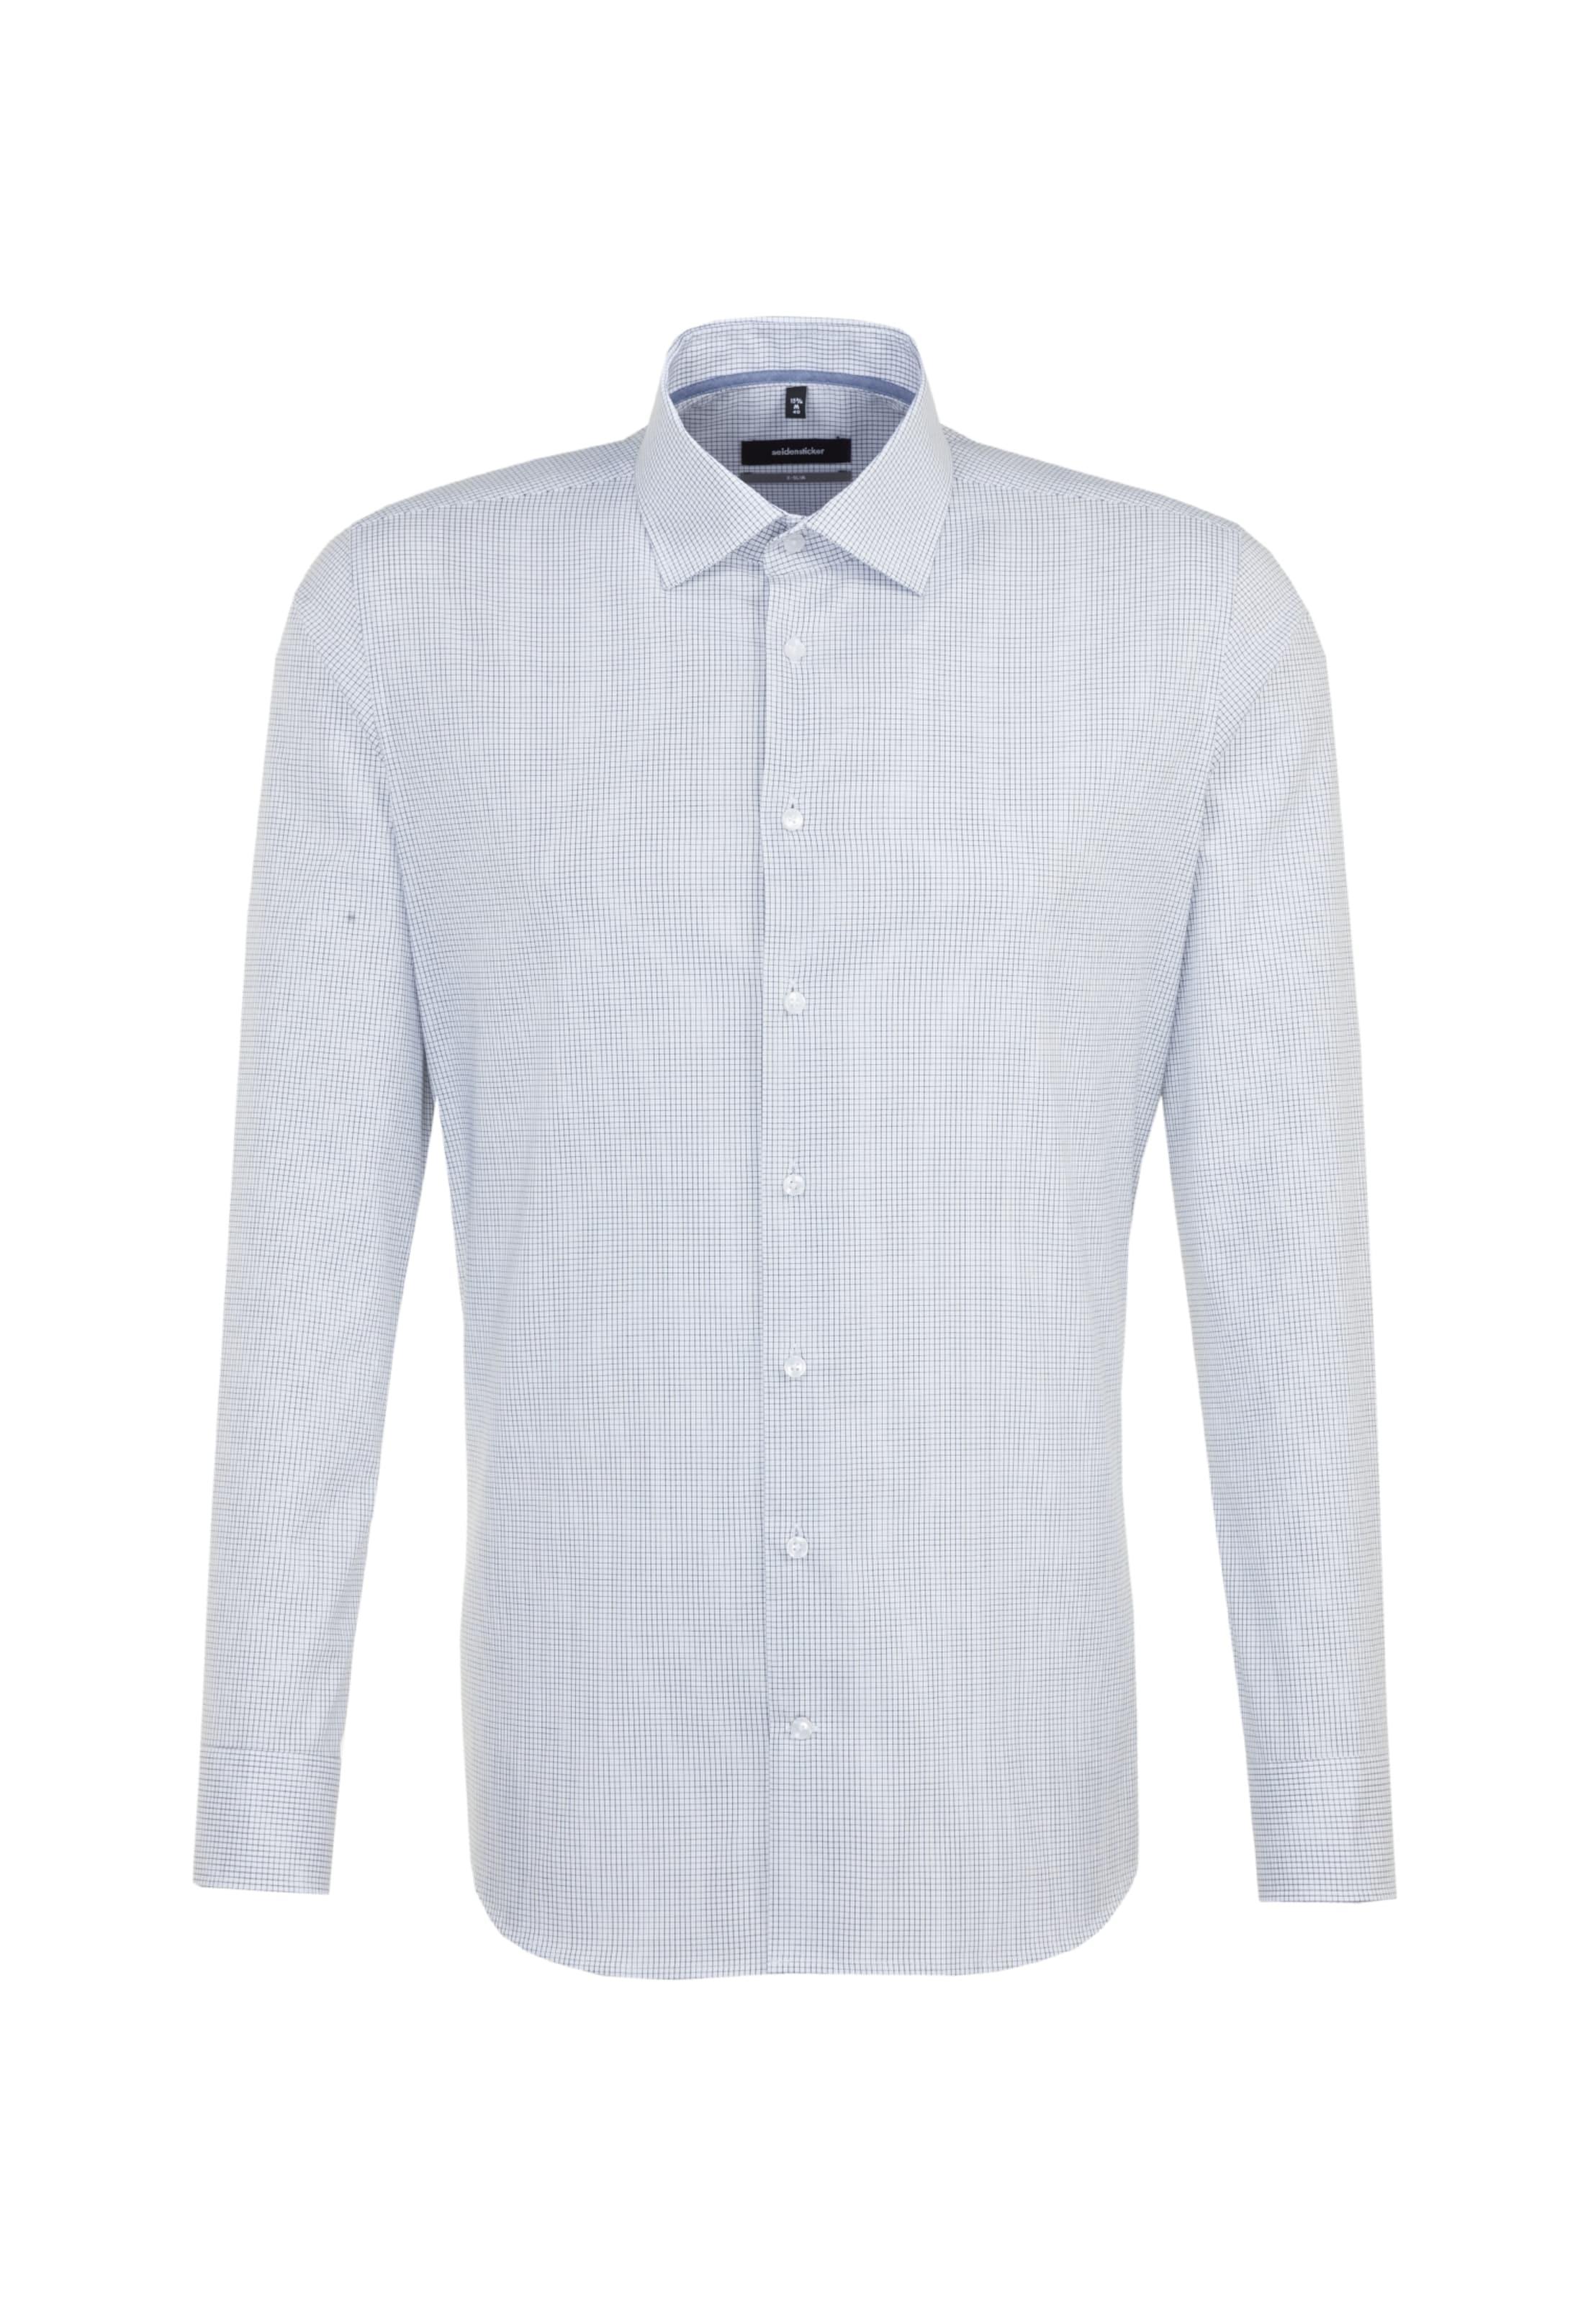 OpalWeiß Hemd Seidensticker Seidensticker Hemd In Seidensticker Hemd In In Seidensticker OpalWeiß OpalWeiß Hemd LSqzVpGMU